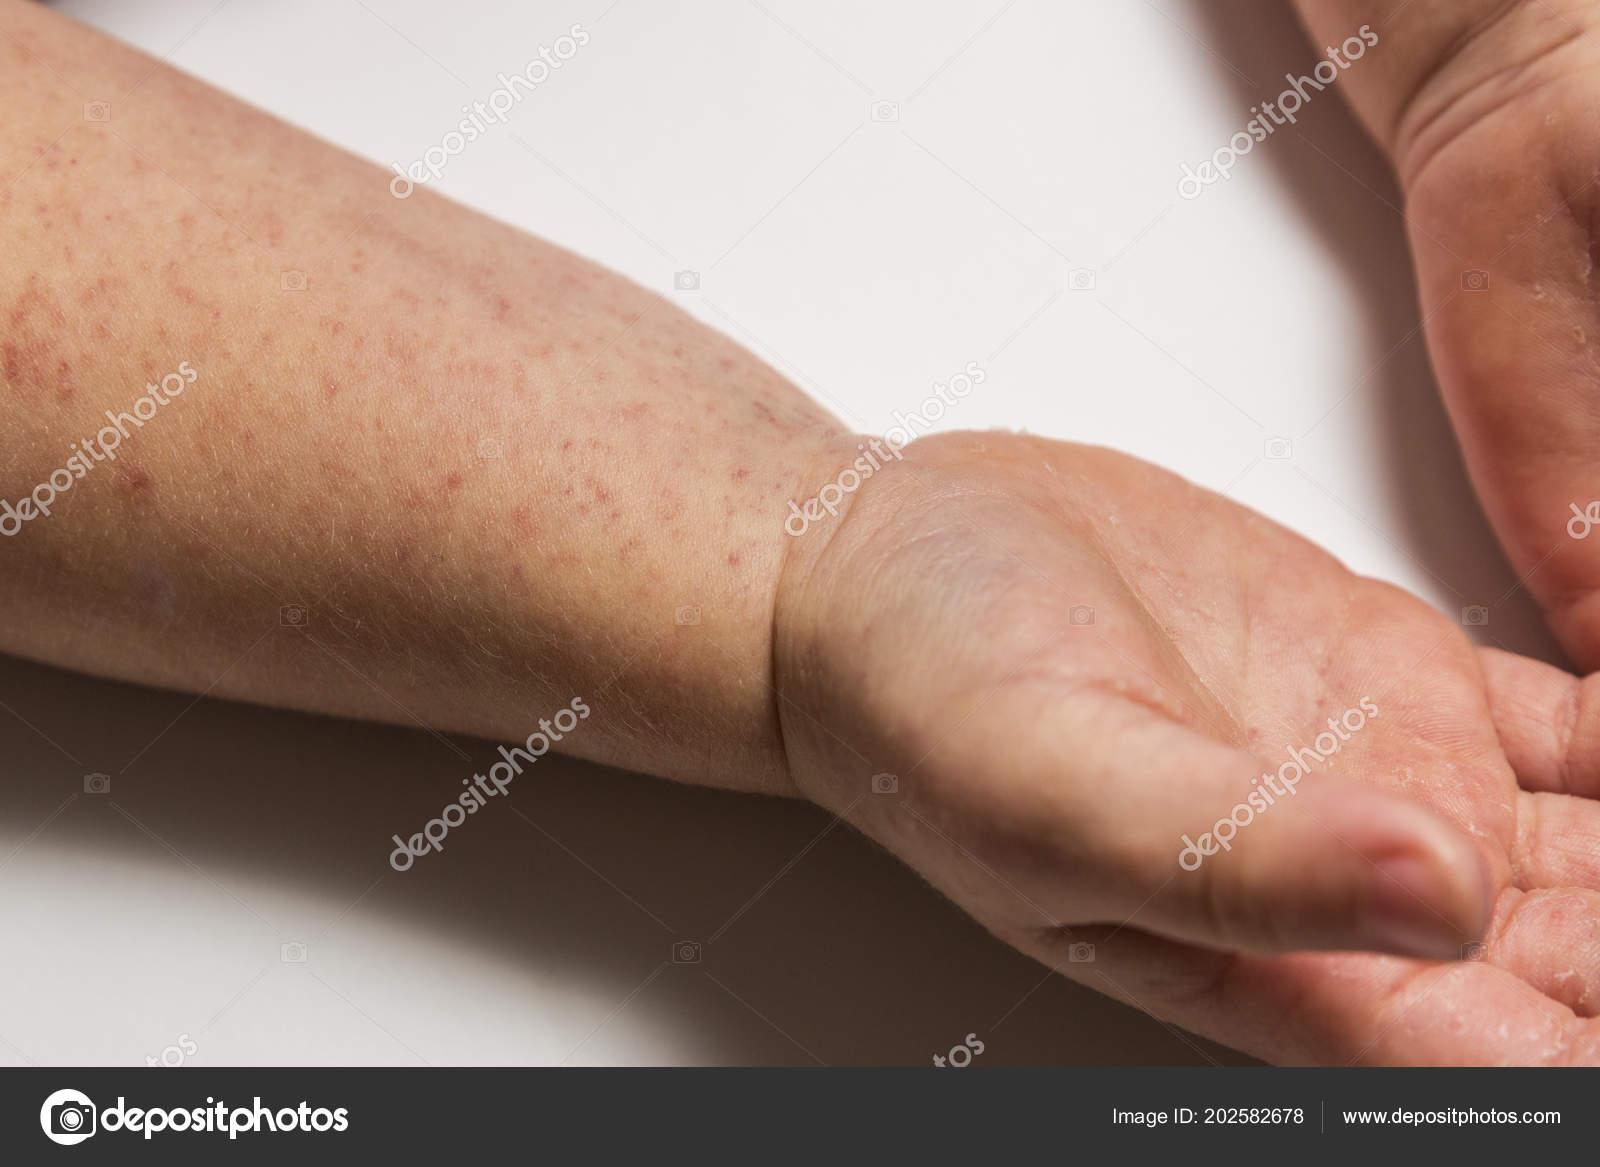 små utslag på händerna